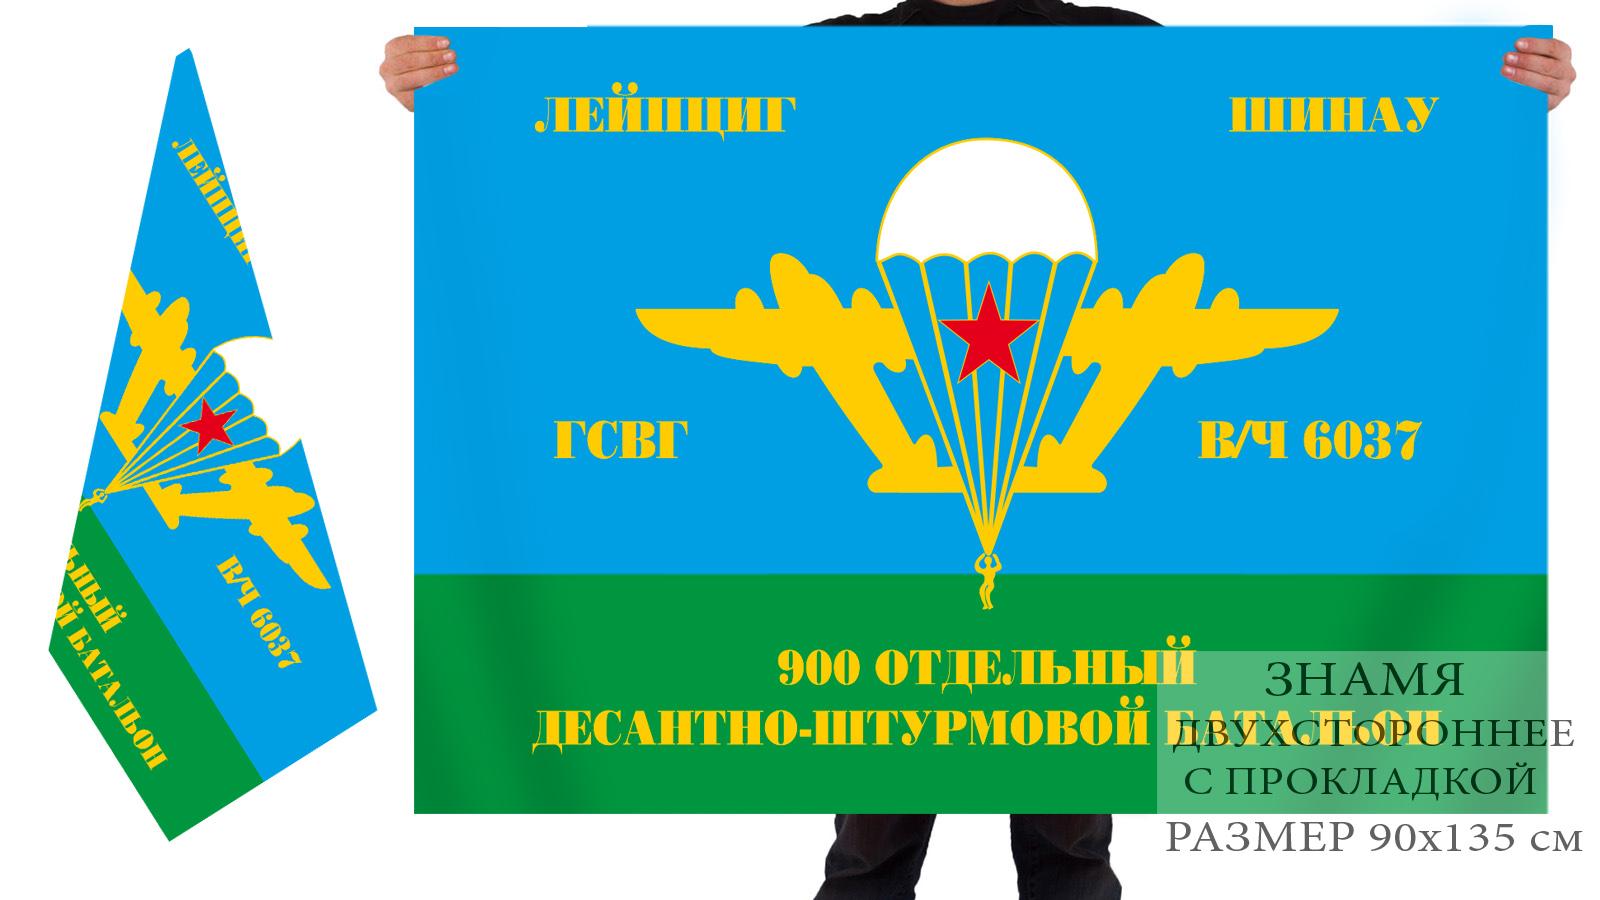 Двухсторонний флаг ВДВ 900 ОДШБ. ГСВГ. Лейпциг